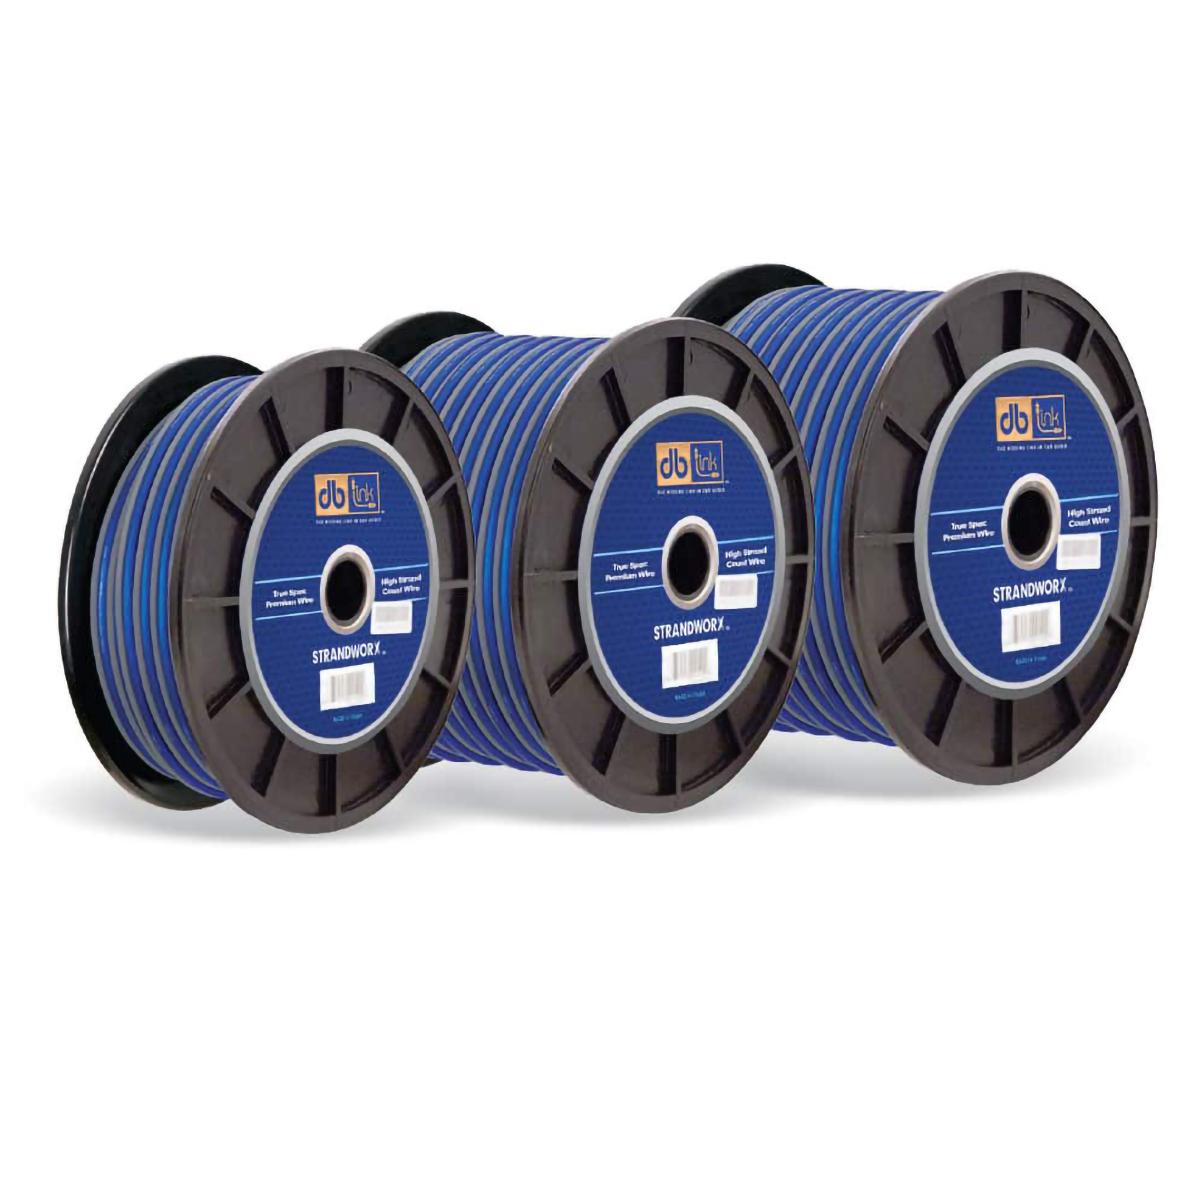 16GA BLUE 500FT STRANDWORX SPRK WIRE